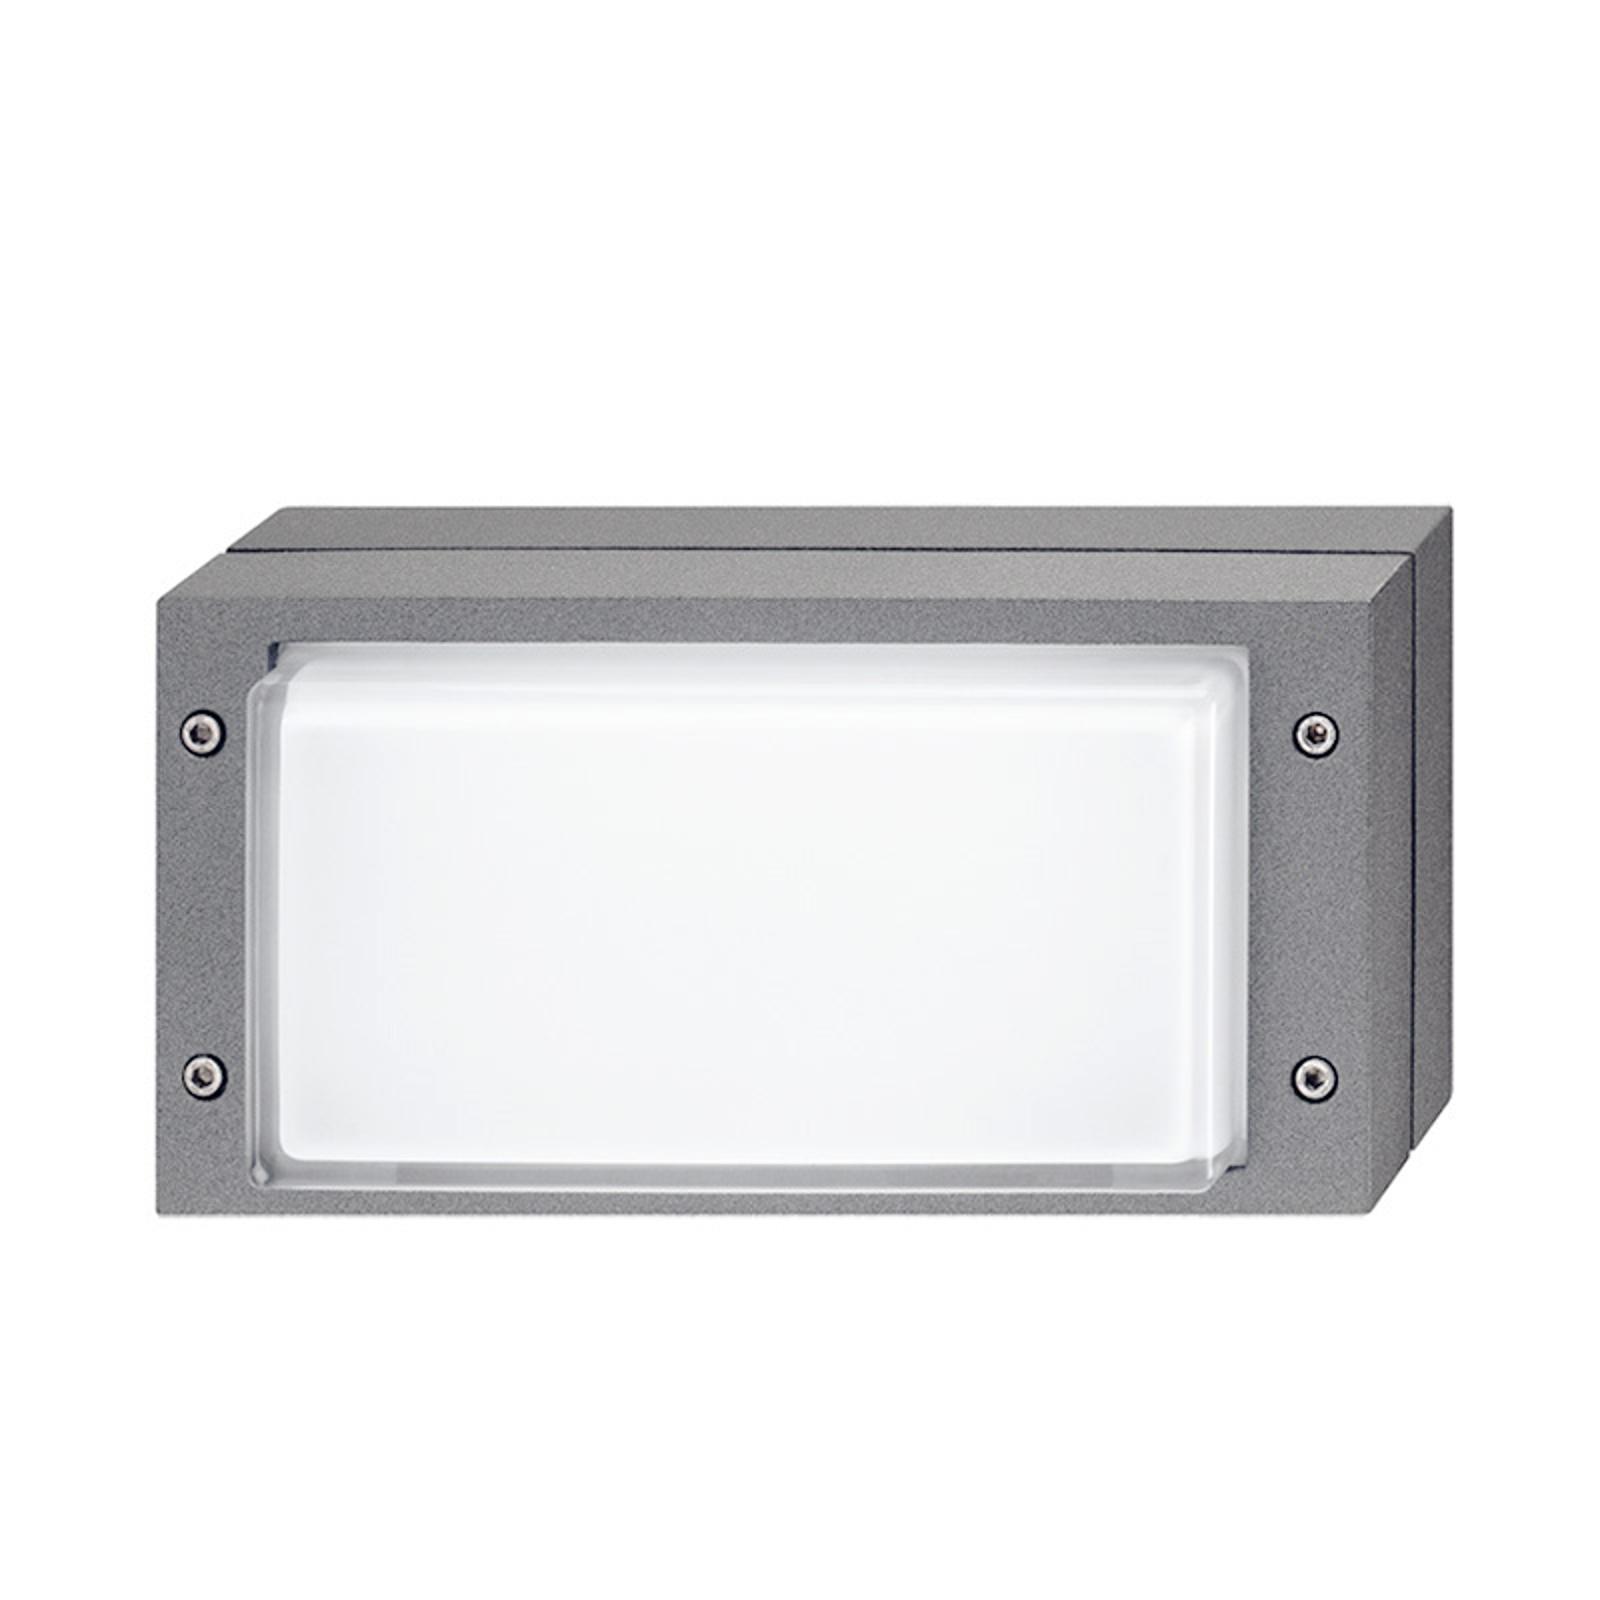 Applique d'extérieur Bliz grise à LED